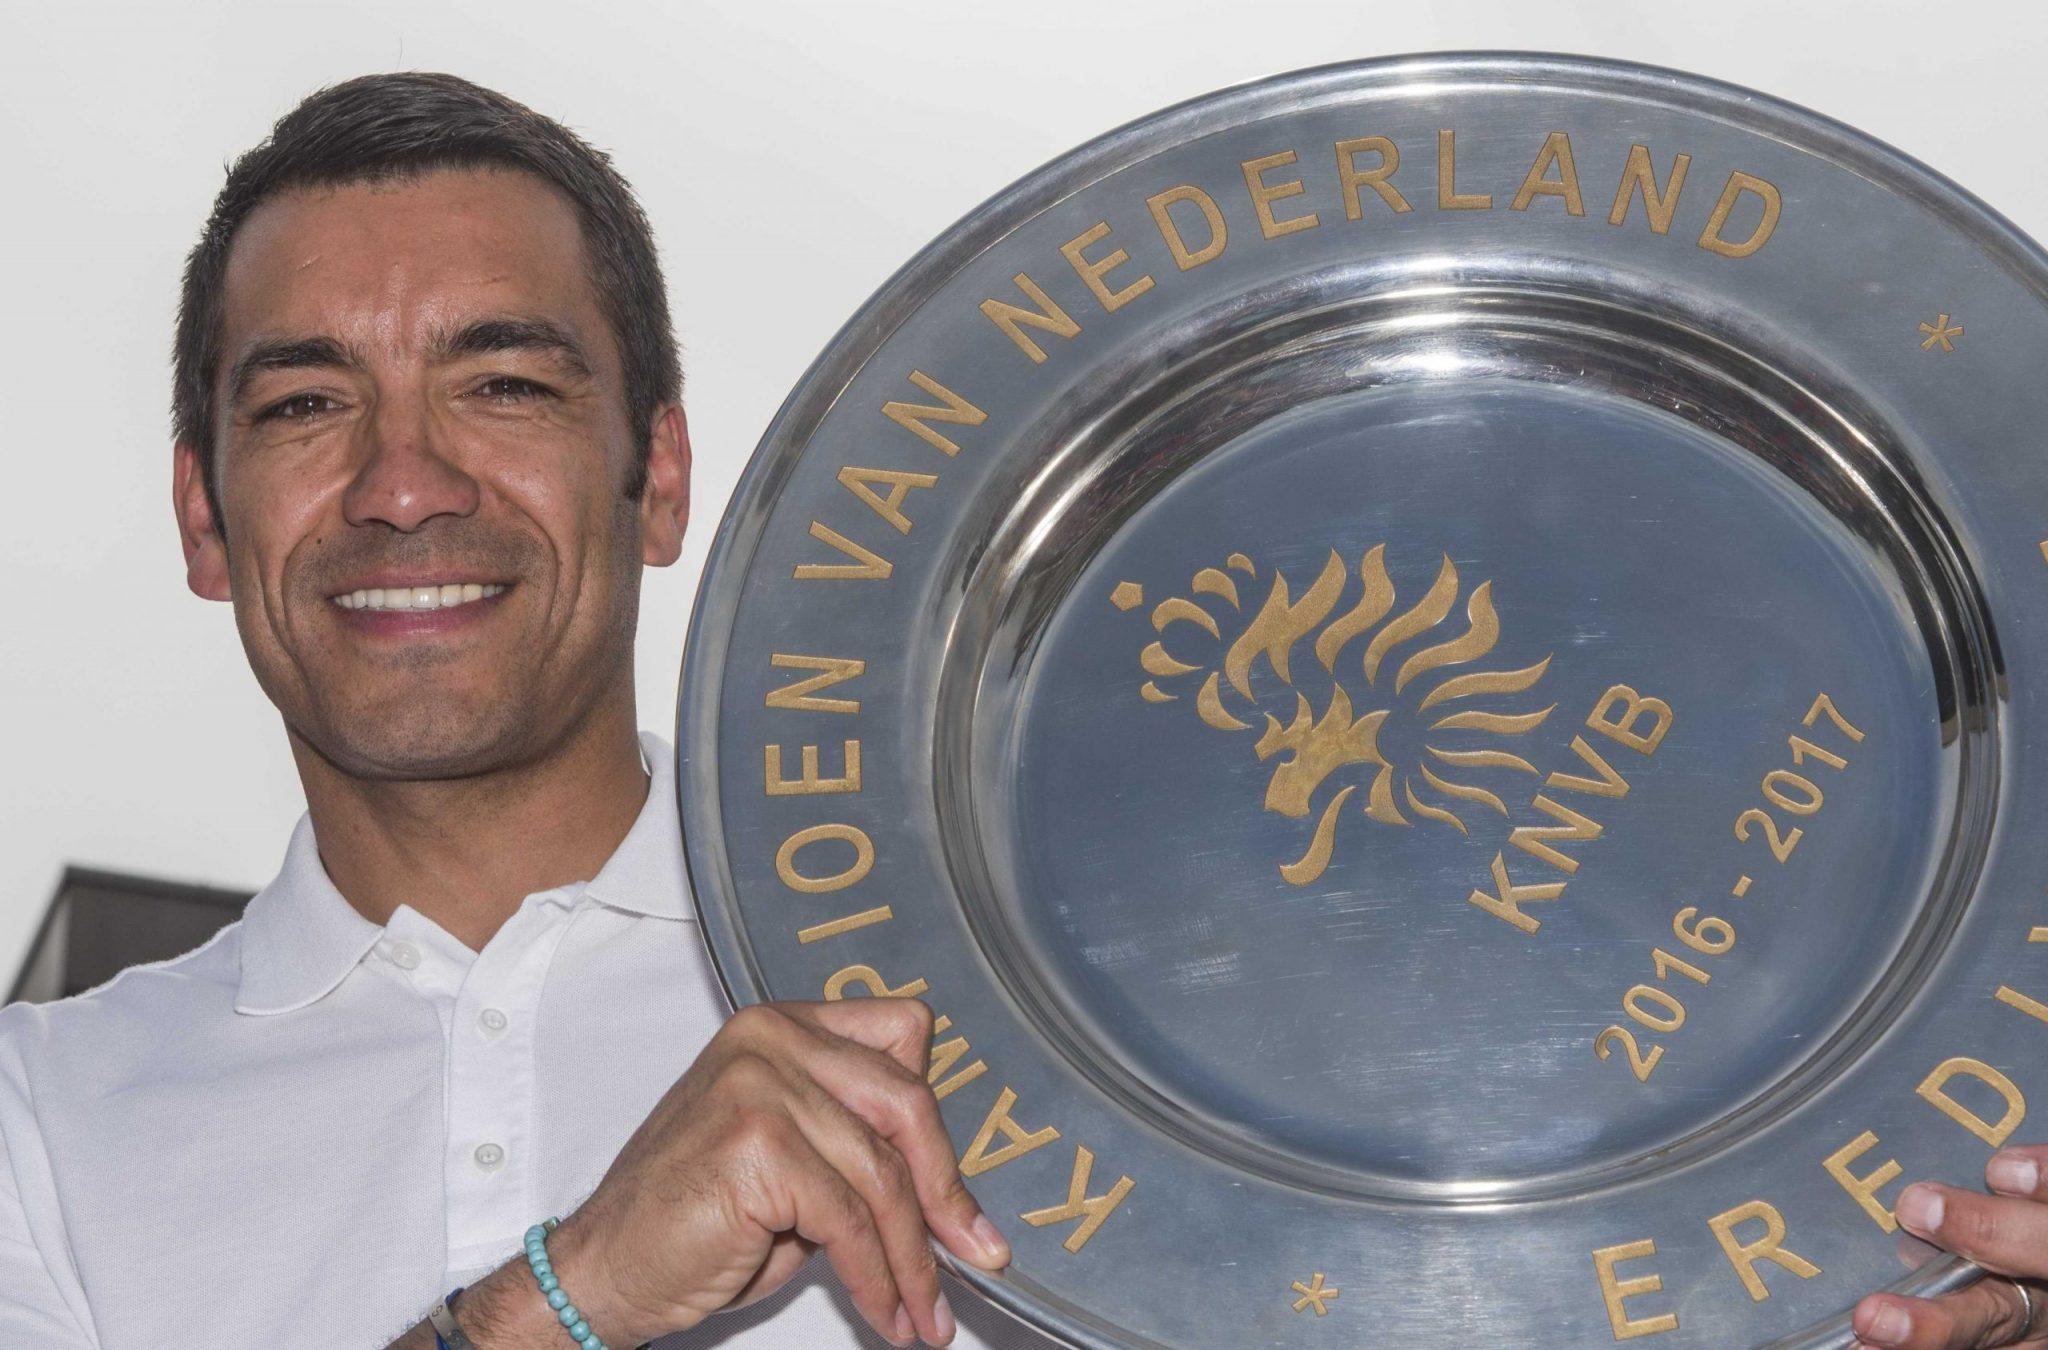 KJS01 KRIMPEN (HOLANDA), 22/05/2017.- El entrenador del Feyenoord, Giovanni van Bronckhorst muestra el título de campeón de la liga holandesa (la Eredivisie) durante un homenaje al entrenador por la consecución del título en Krimpen, Holanda hoy 22 de mayo de 2017. EFE/Lex Van Lieshout